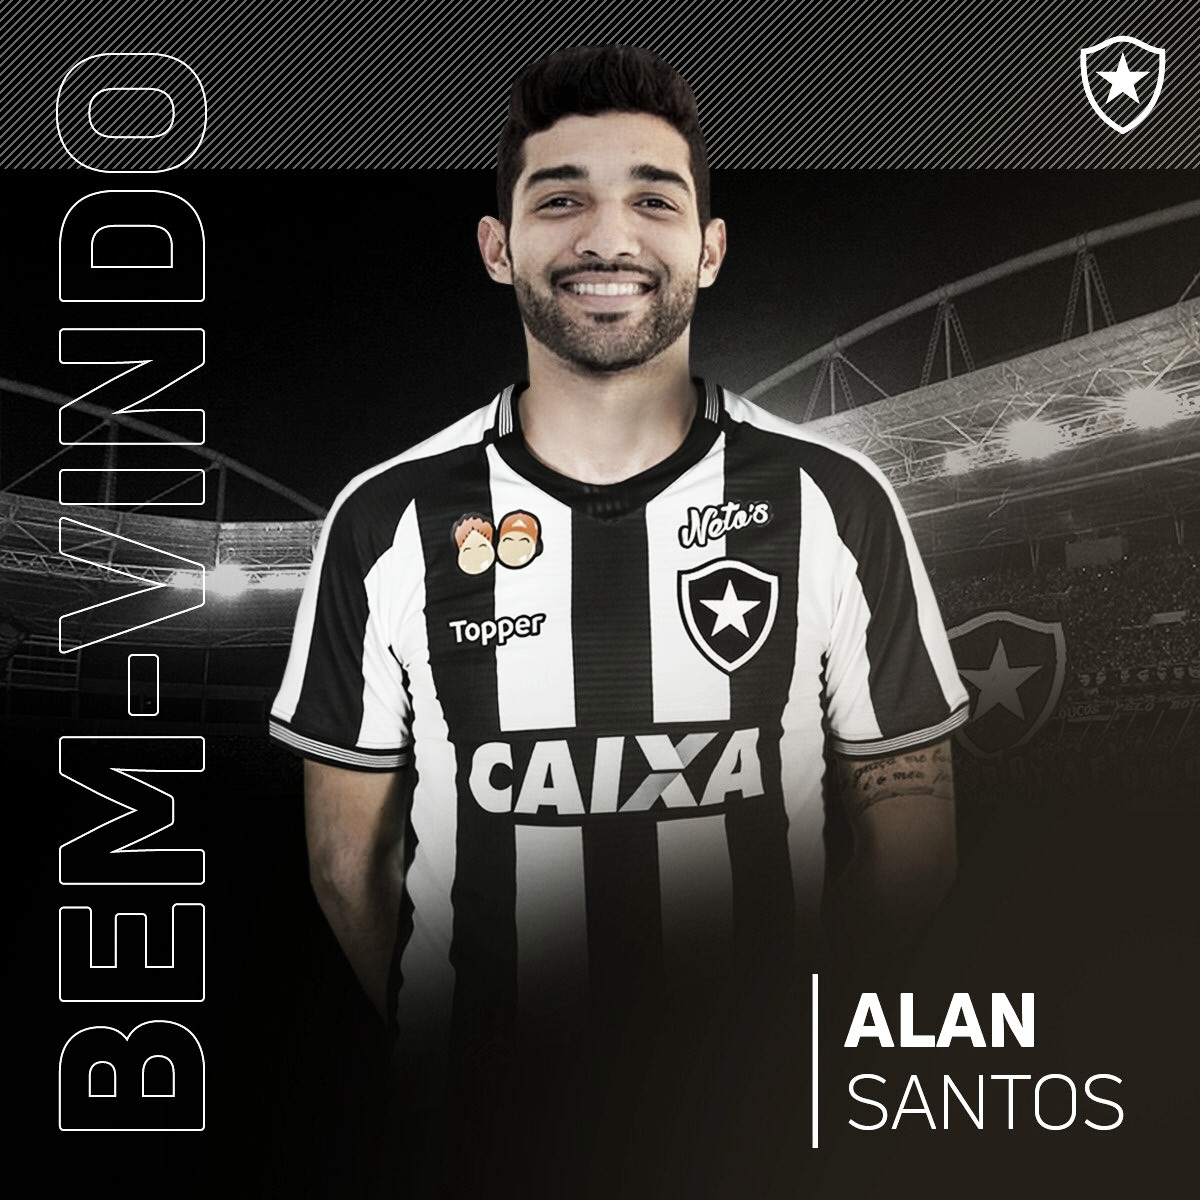 Botafogo anuncia contratação do volante Alan Santos, ex-Al Ittihad (EAU)